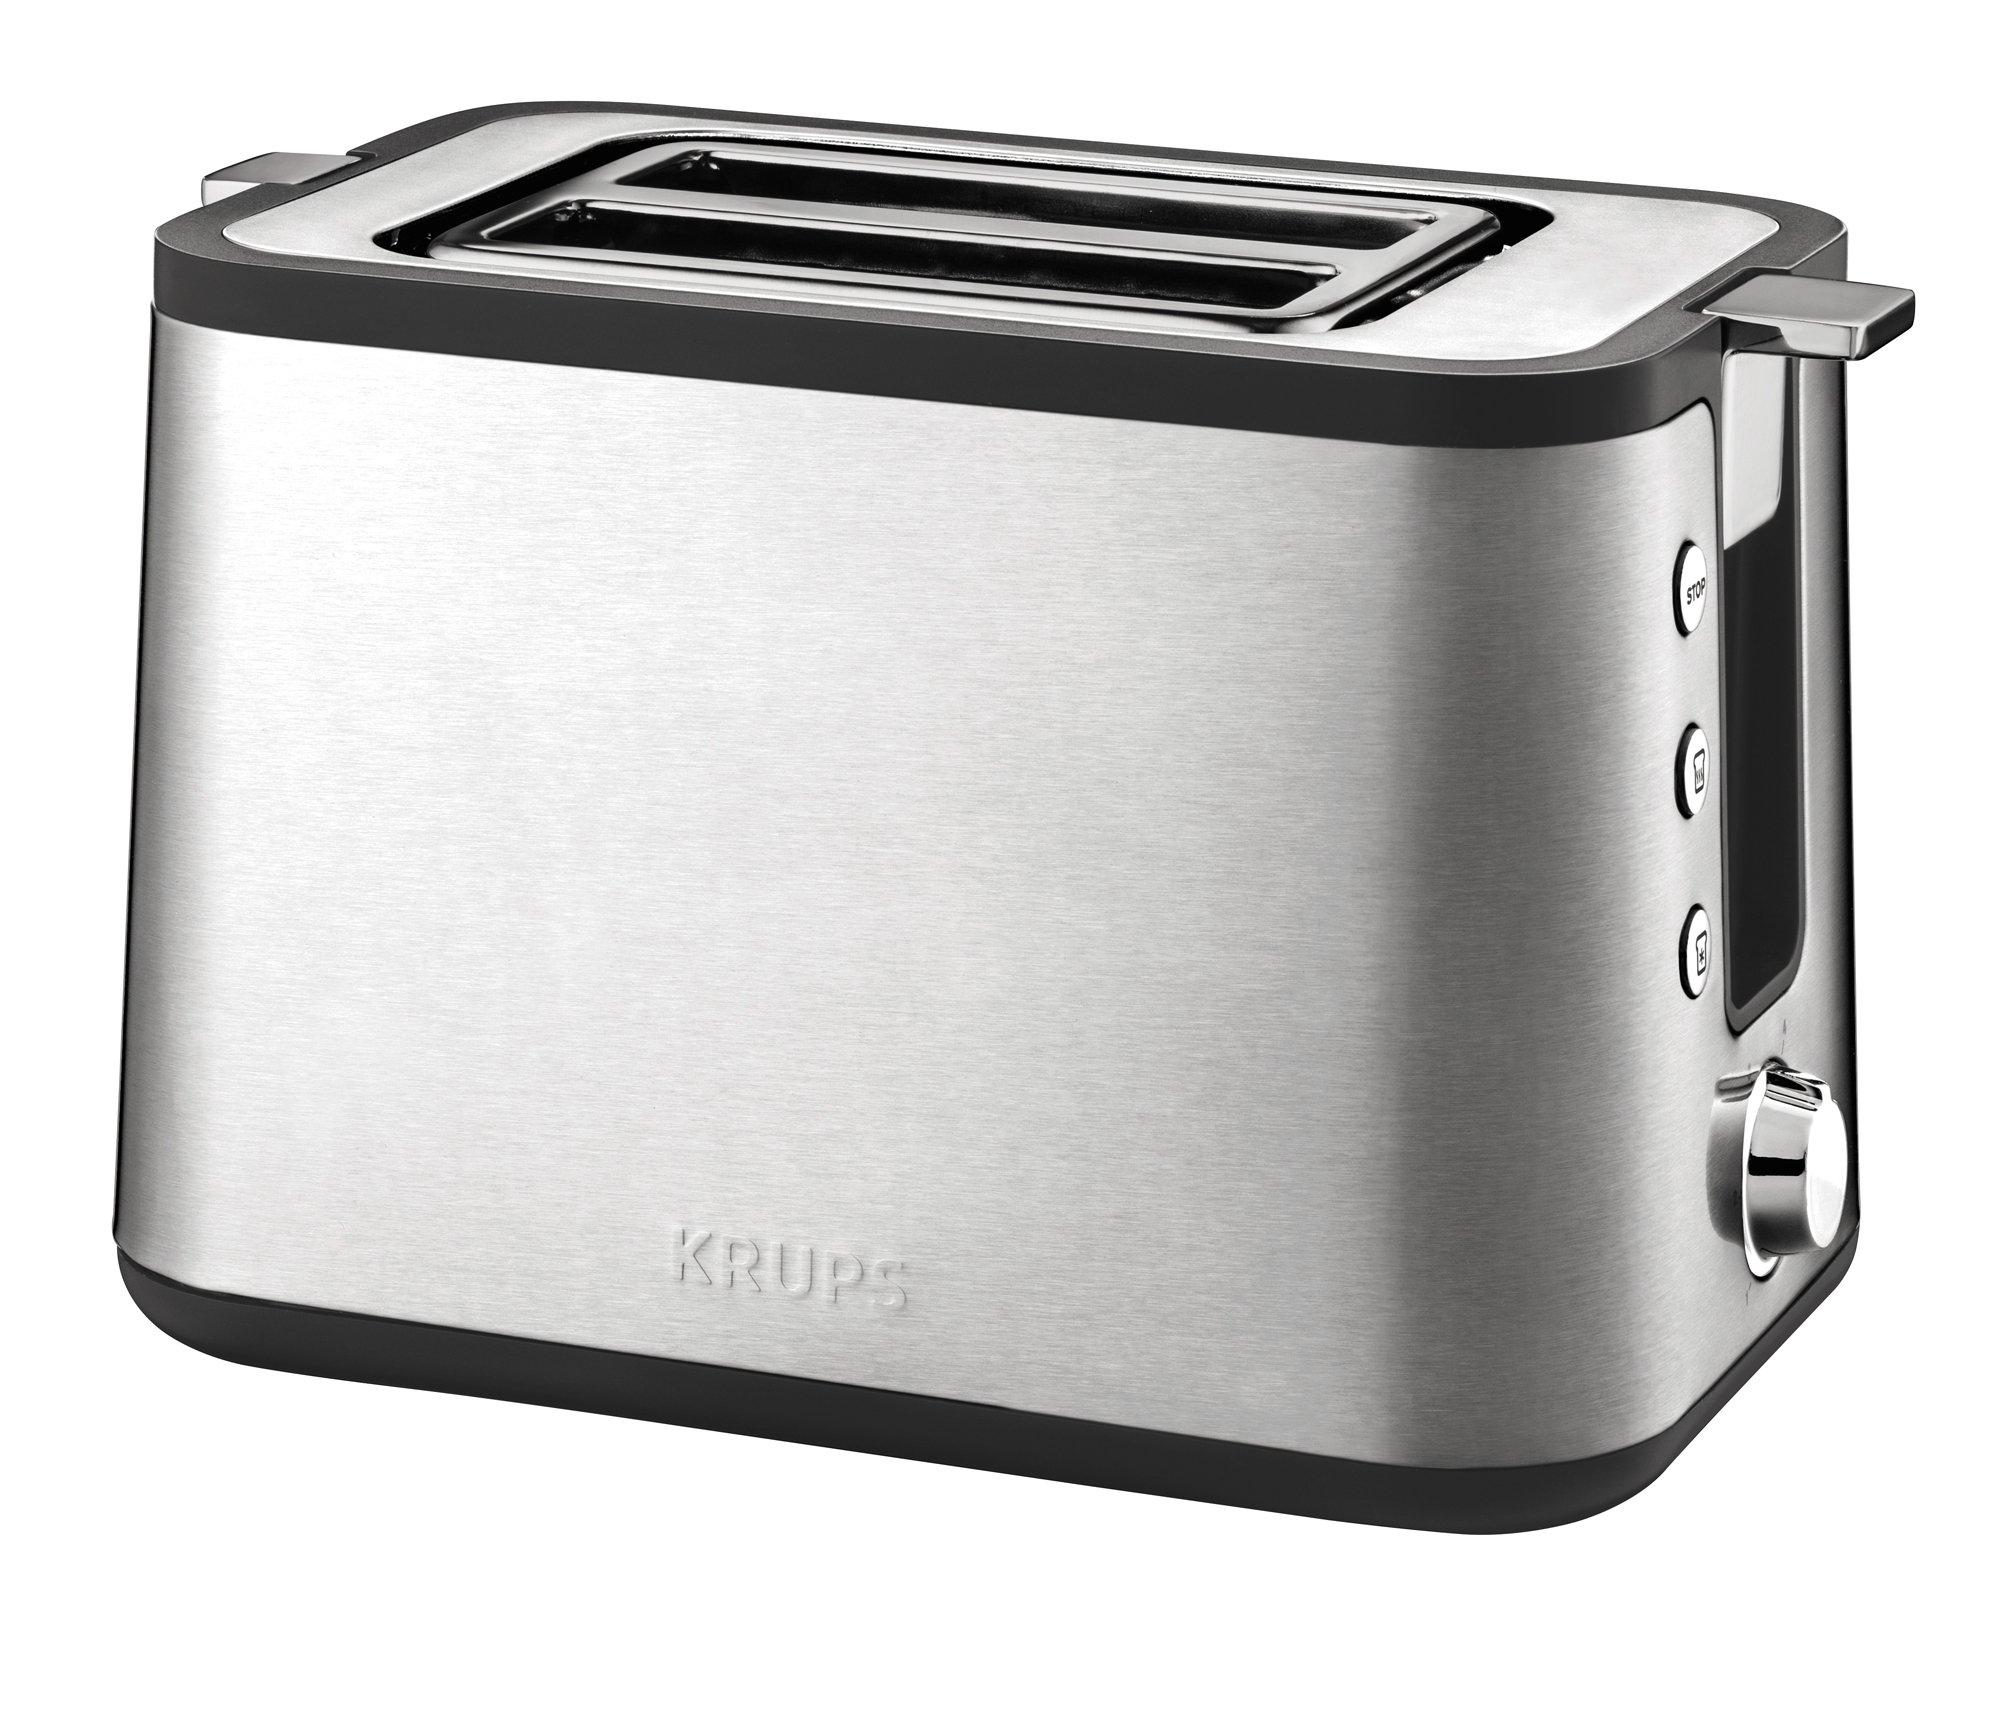 Krups-KH442D10-Control-Line-Premium-Toaster-mit-6-Brunungsstufen-720-Watt-edelstahlschwarz